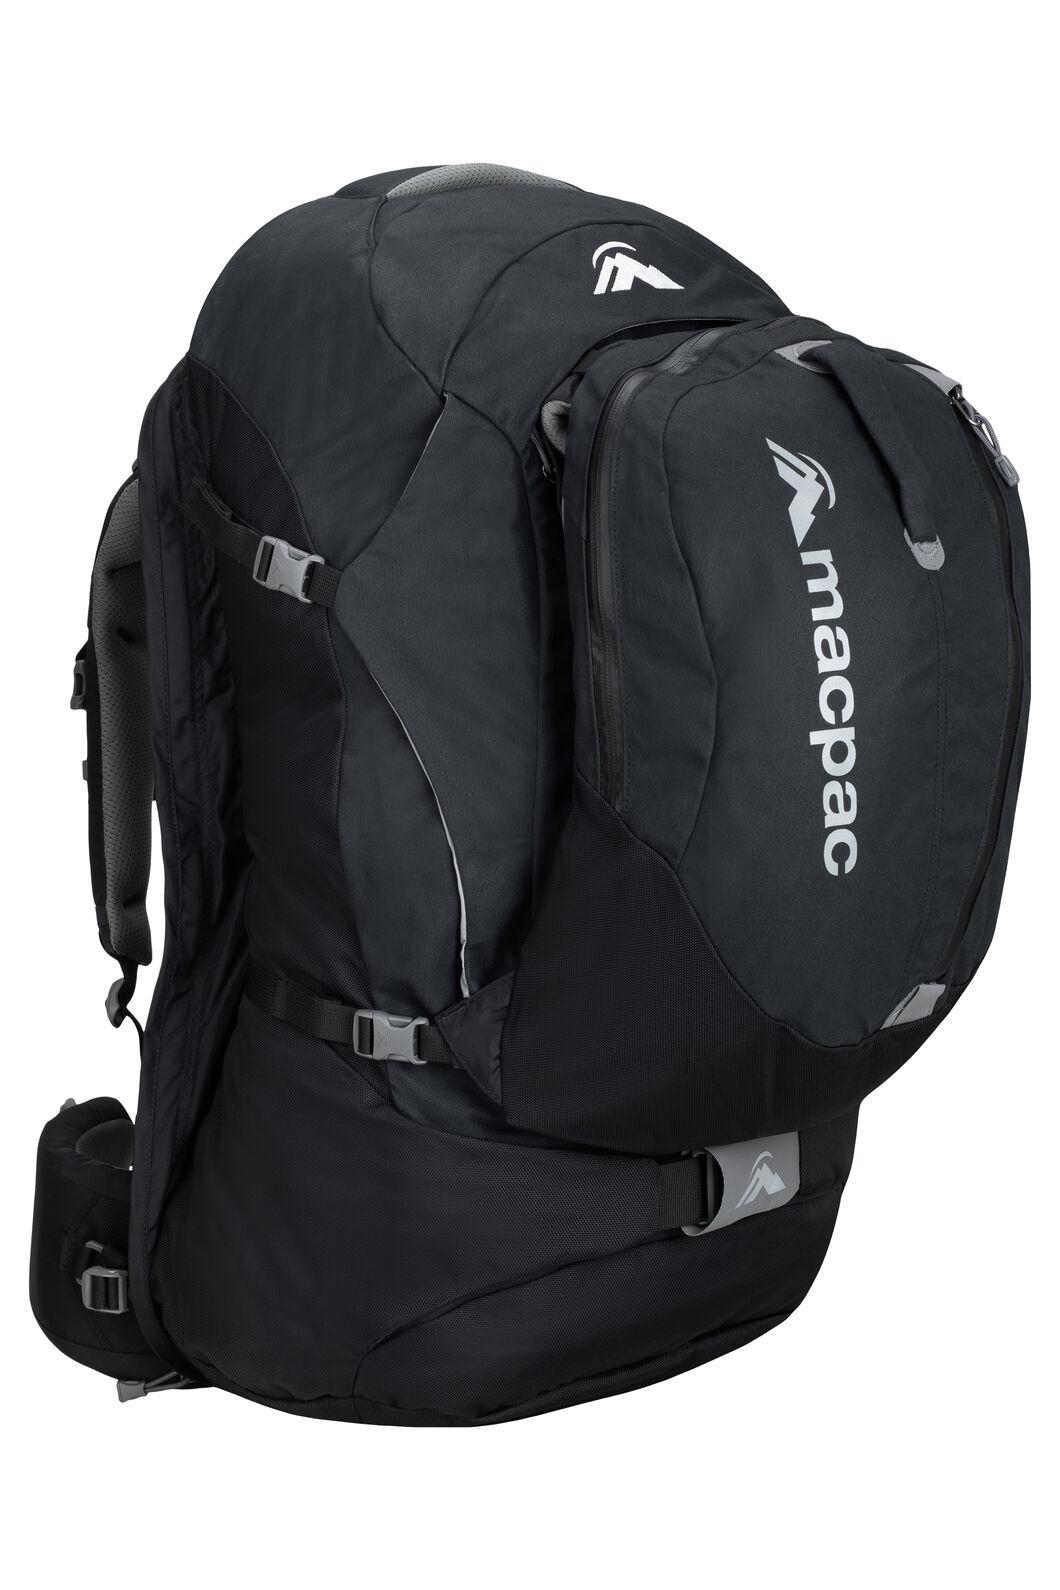 Macpac Gemini AzTec® 75L Pack, Black, hi-res